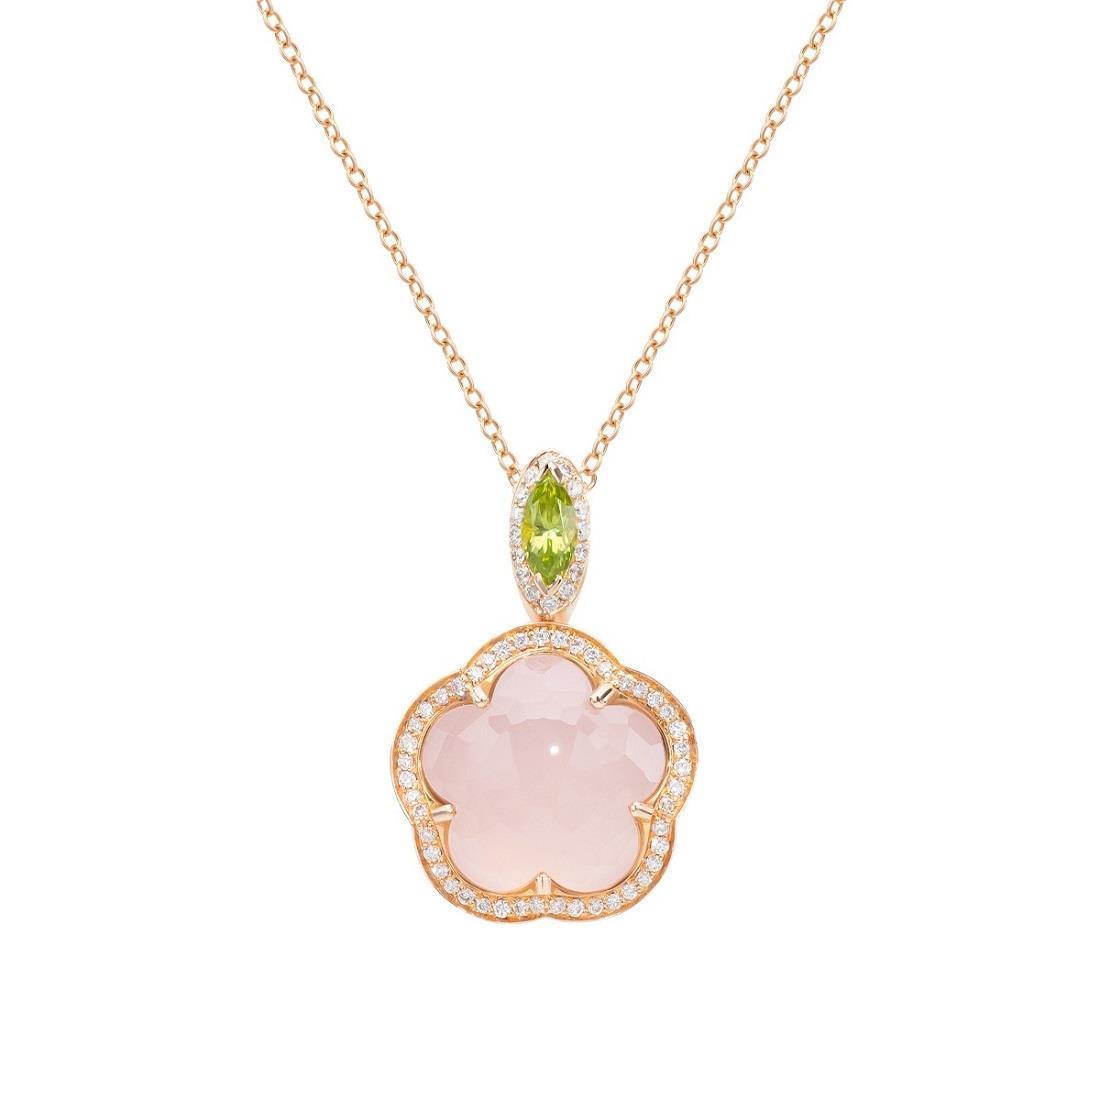 Collana con pendente quarzo rosa e diamanti - PASQUALE BRUNI